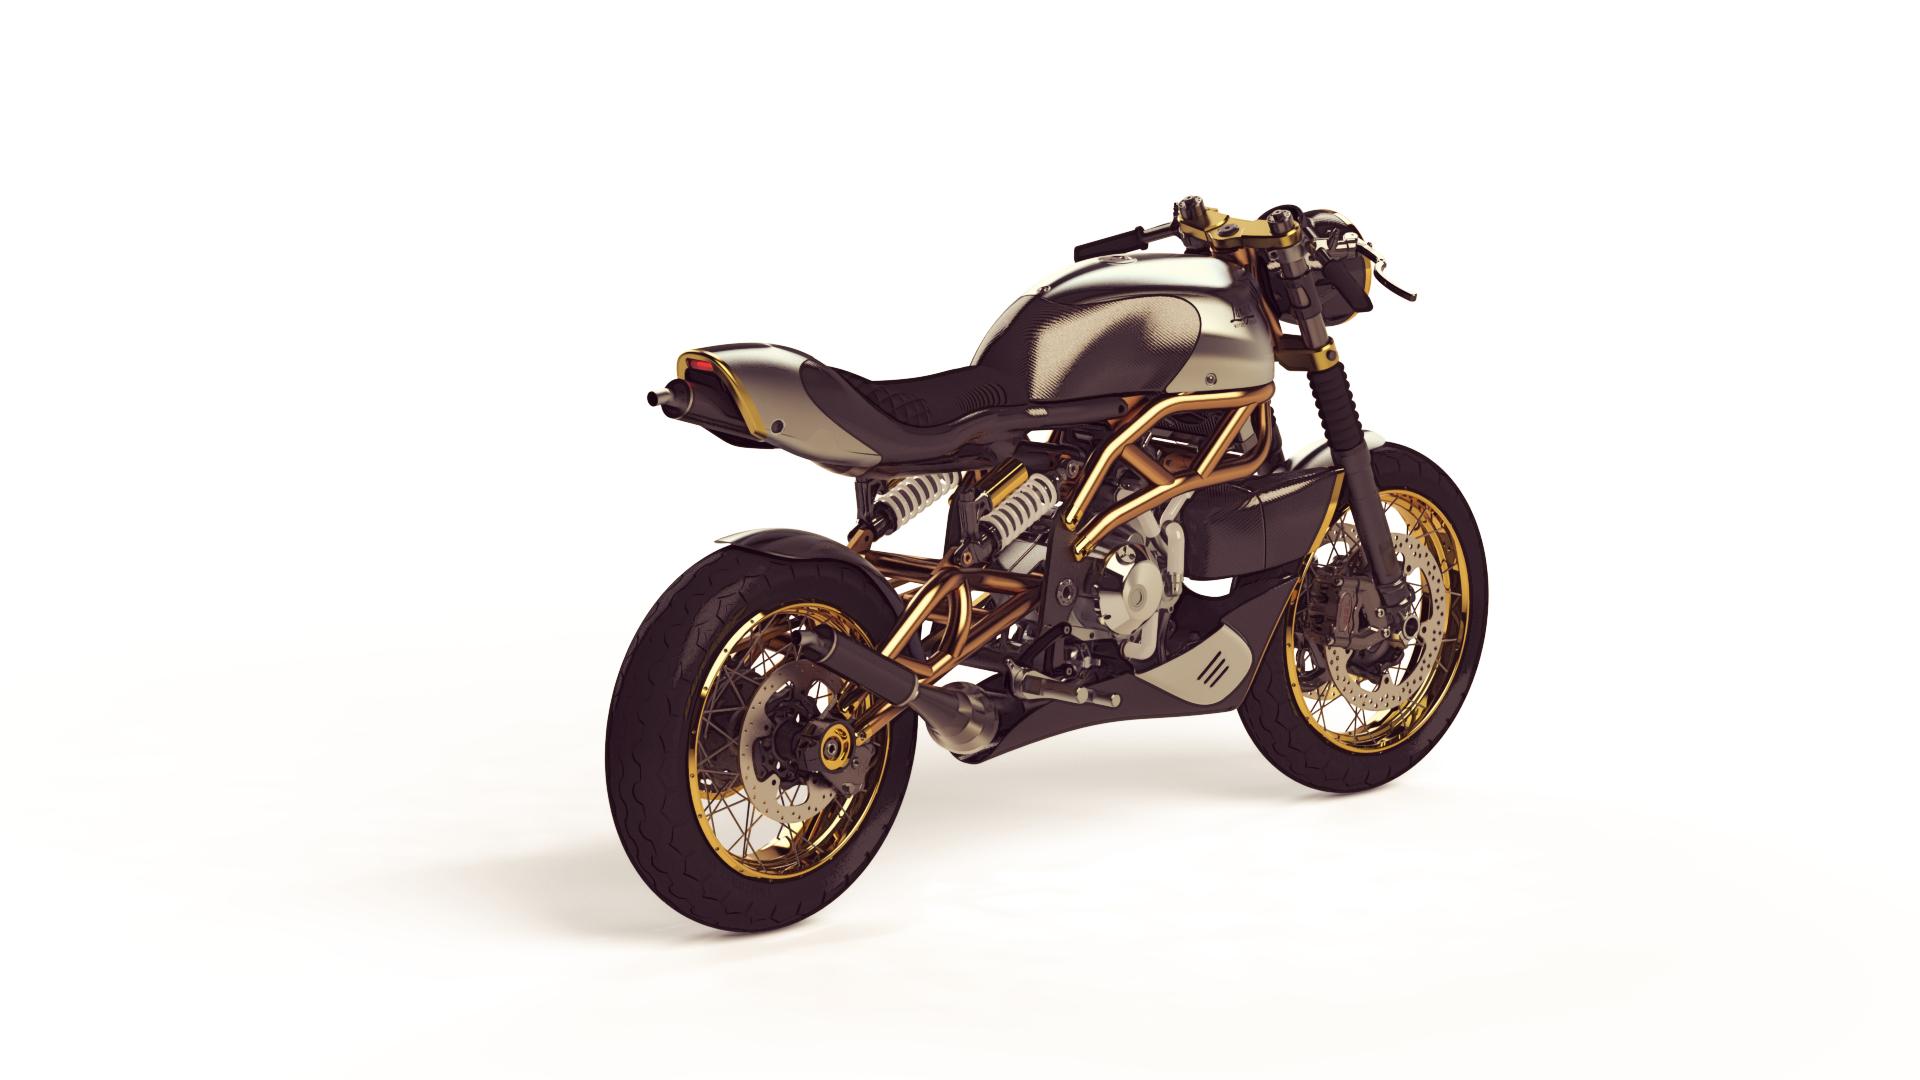 Langen Motorcycles hồi sinh mẫu môtô thể thao sử dụng động cơ 2 thì